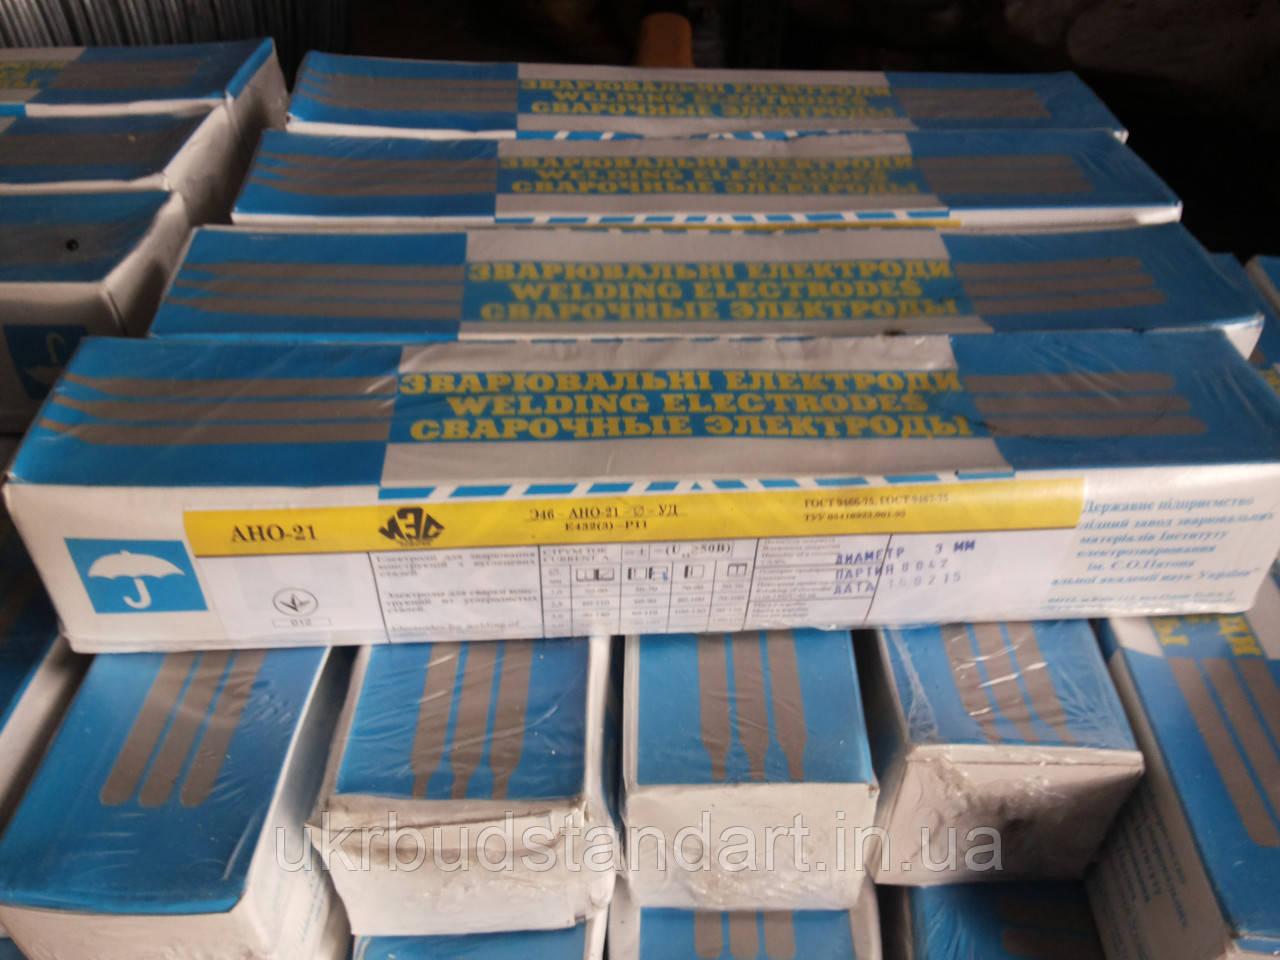 Электроды АНО-21 Ф 3 (упаковка 1 кг)